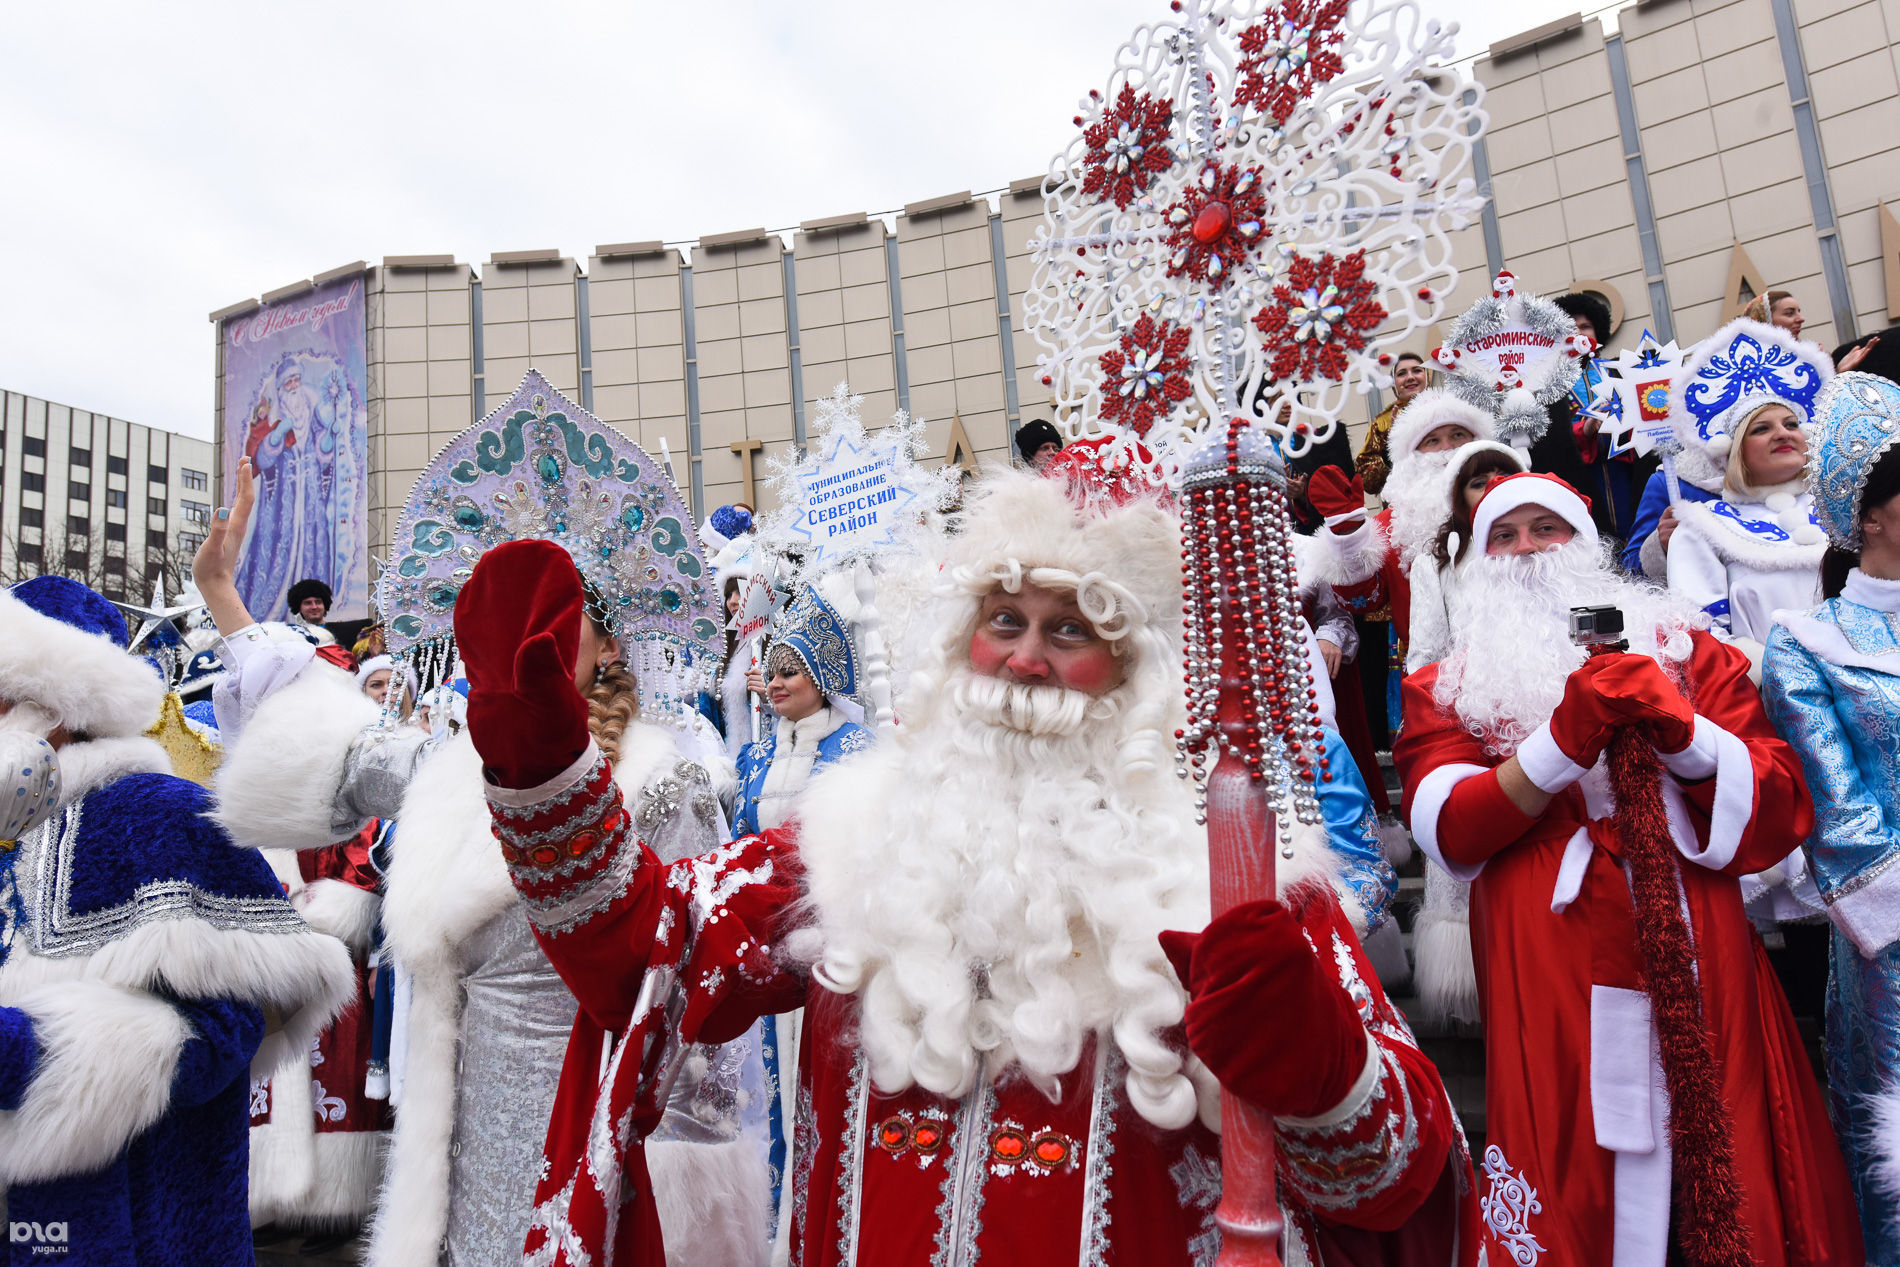 Парад Дедов Морозов в Краснодаре ©Фото Елены Синеок, Юга.ру